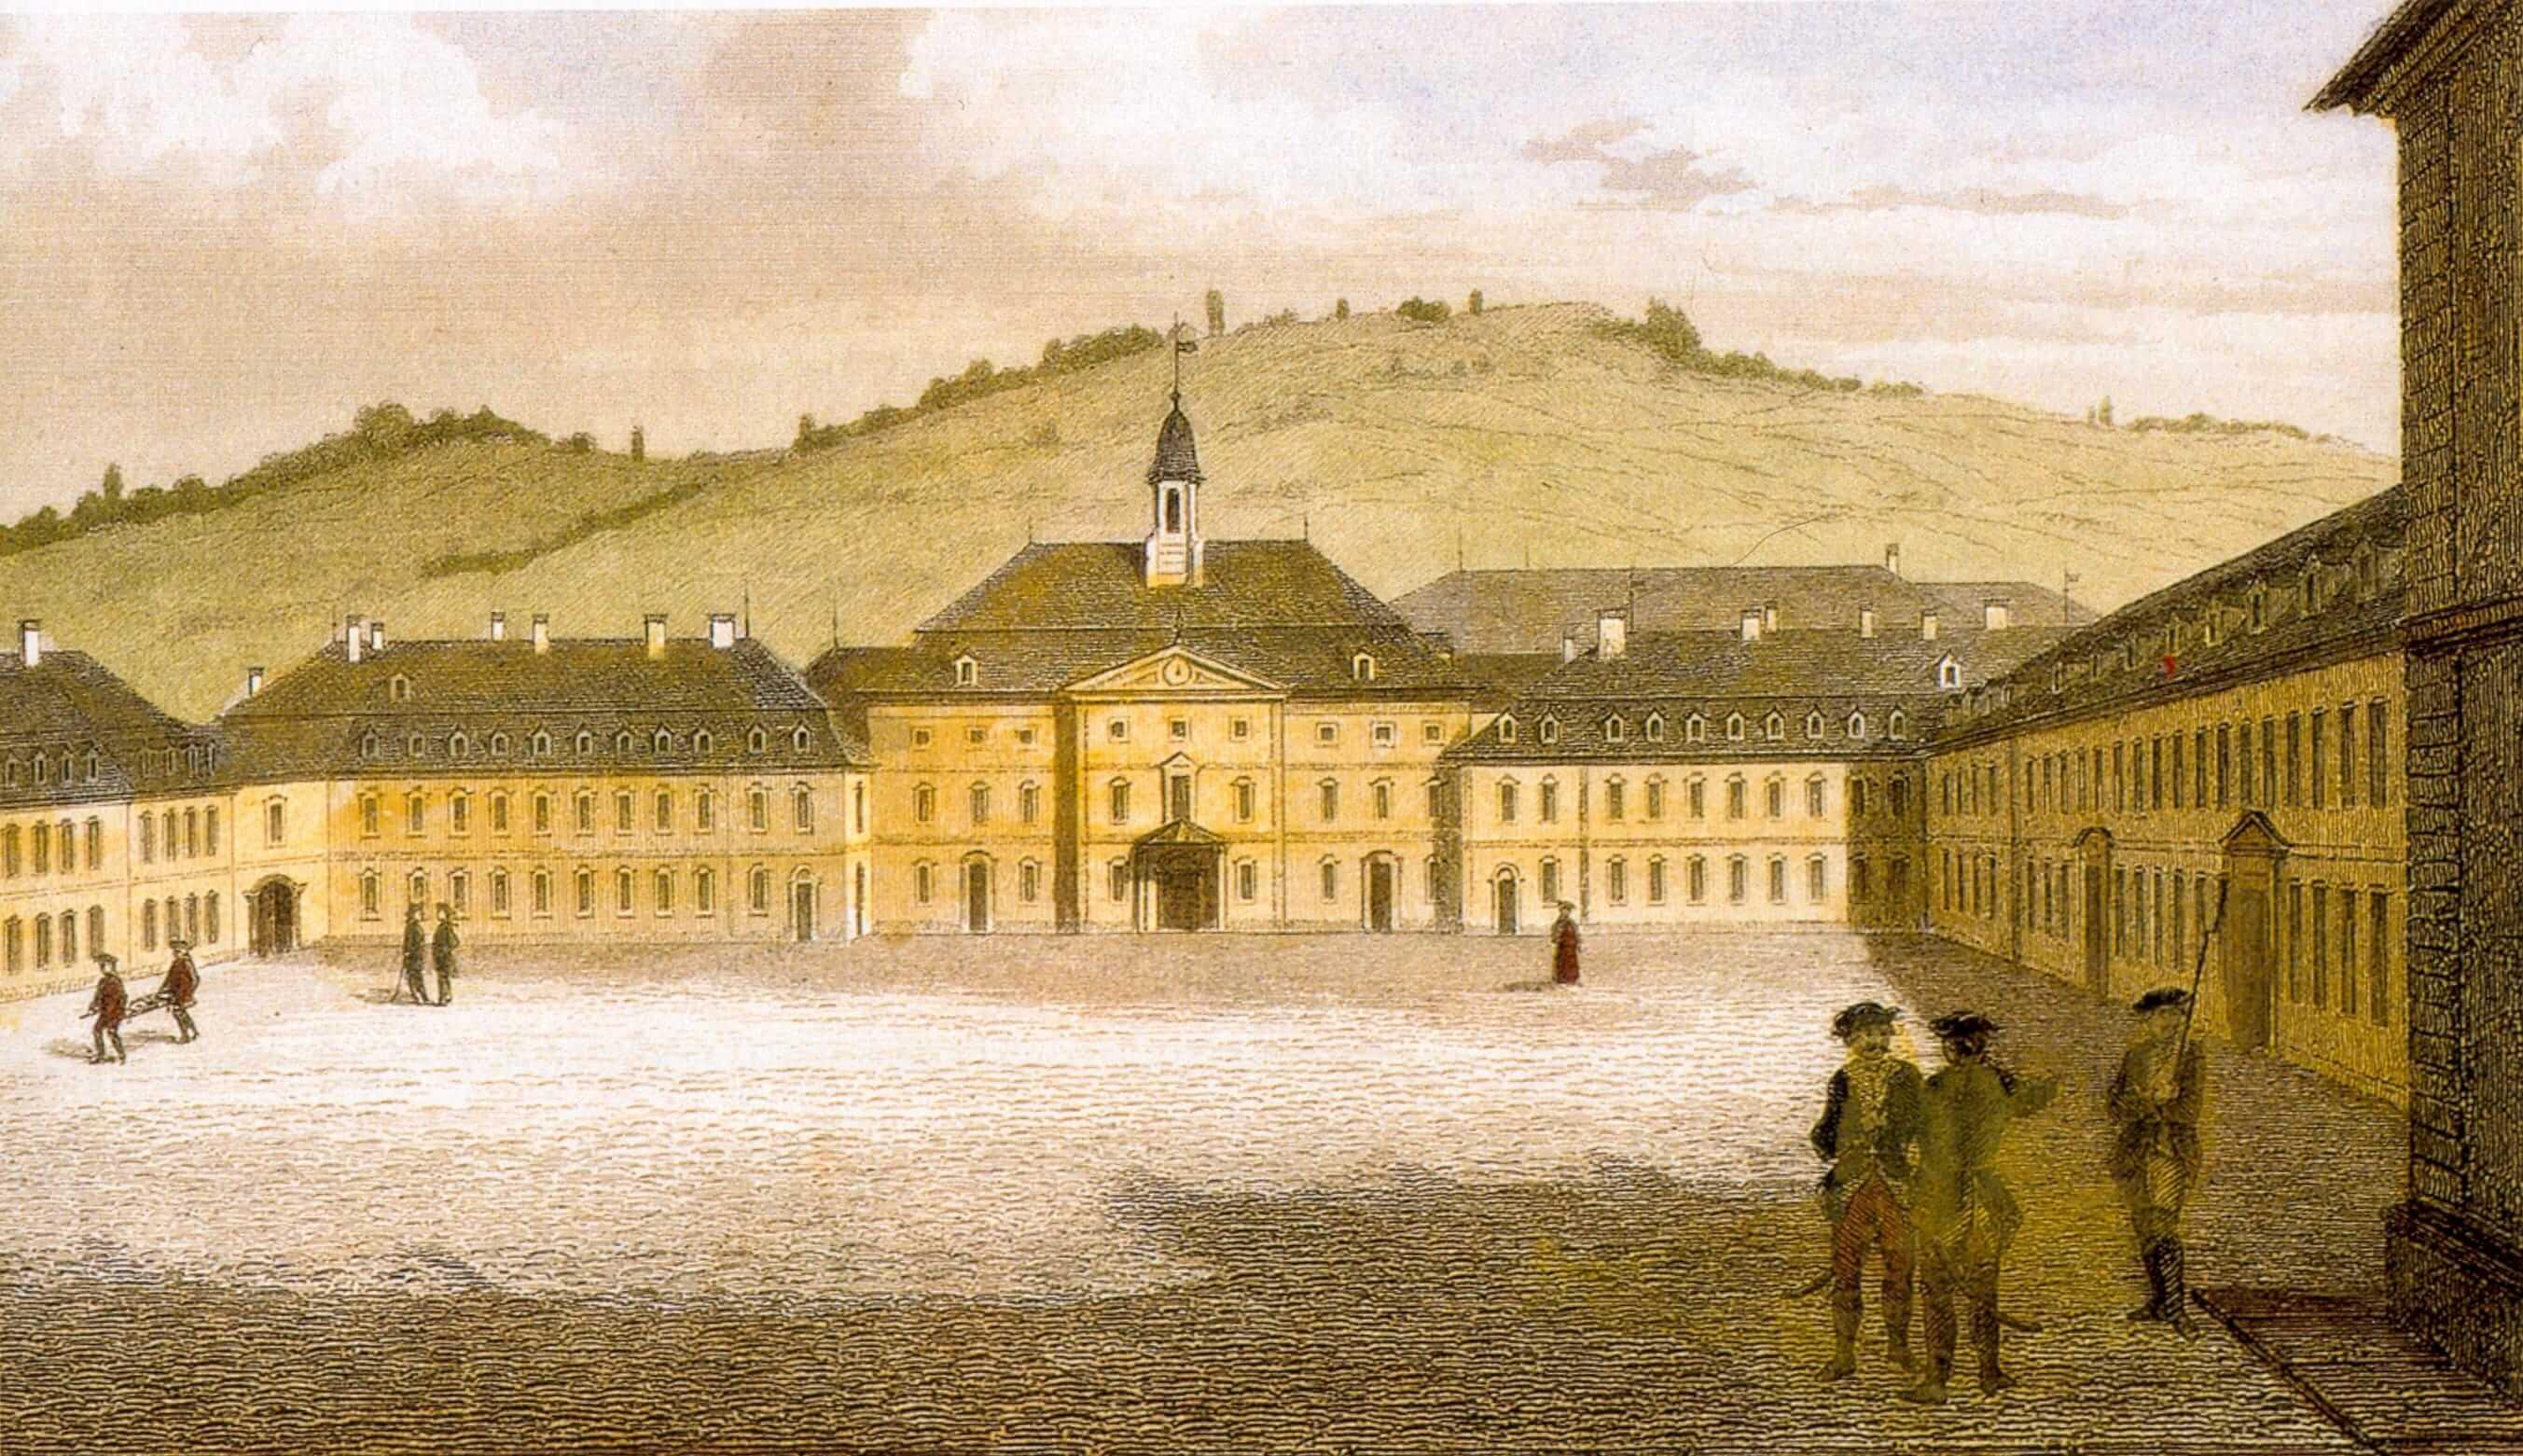 Высшая школа Карла в Штутгарте (действует до сих пор), в которой учился Фридрих Шиллер. Цветная гравюра по рисунку Карла Филиппа Конца, XVIII век. Источник: wikipedia.org